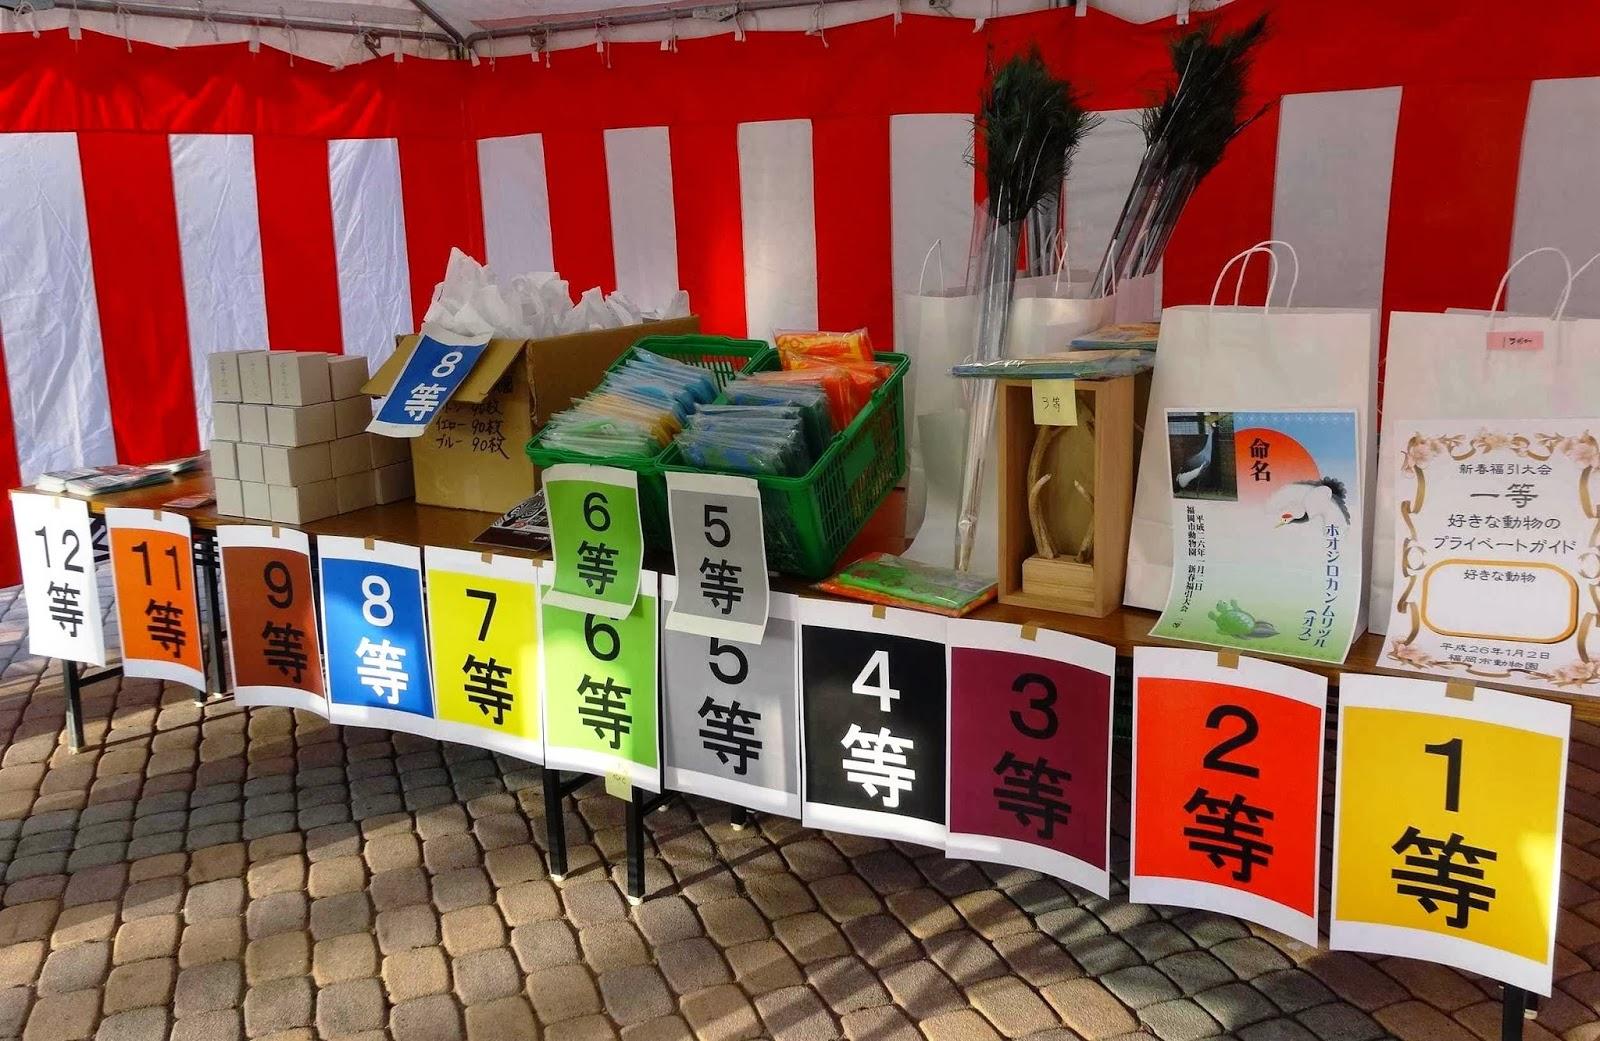 福岡市動物園ブログ: 新年の運試...